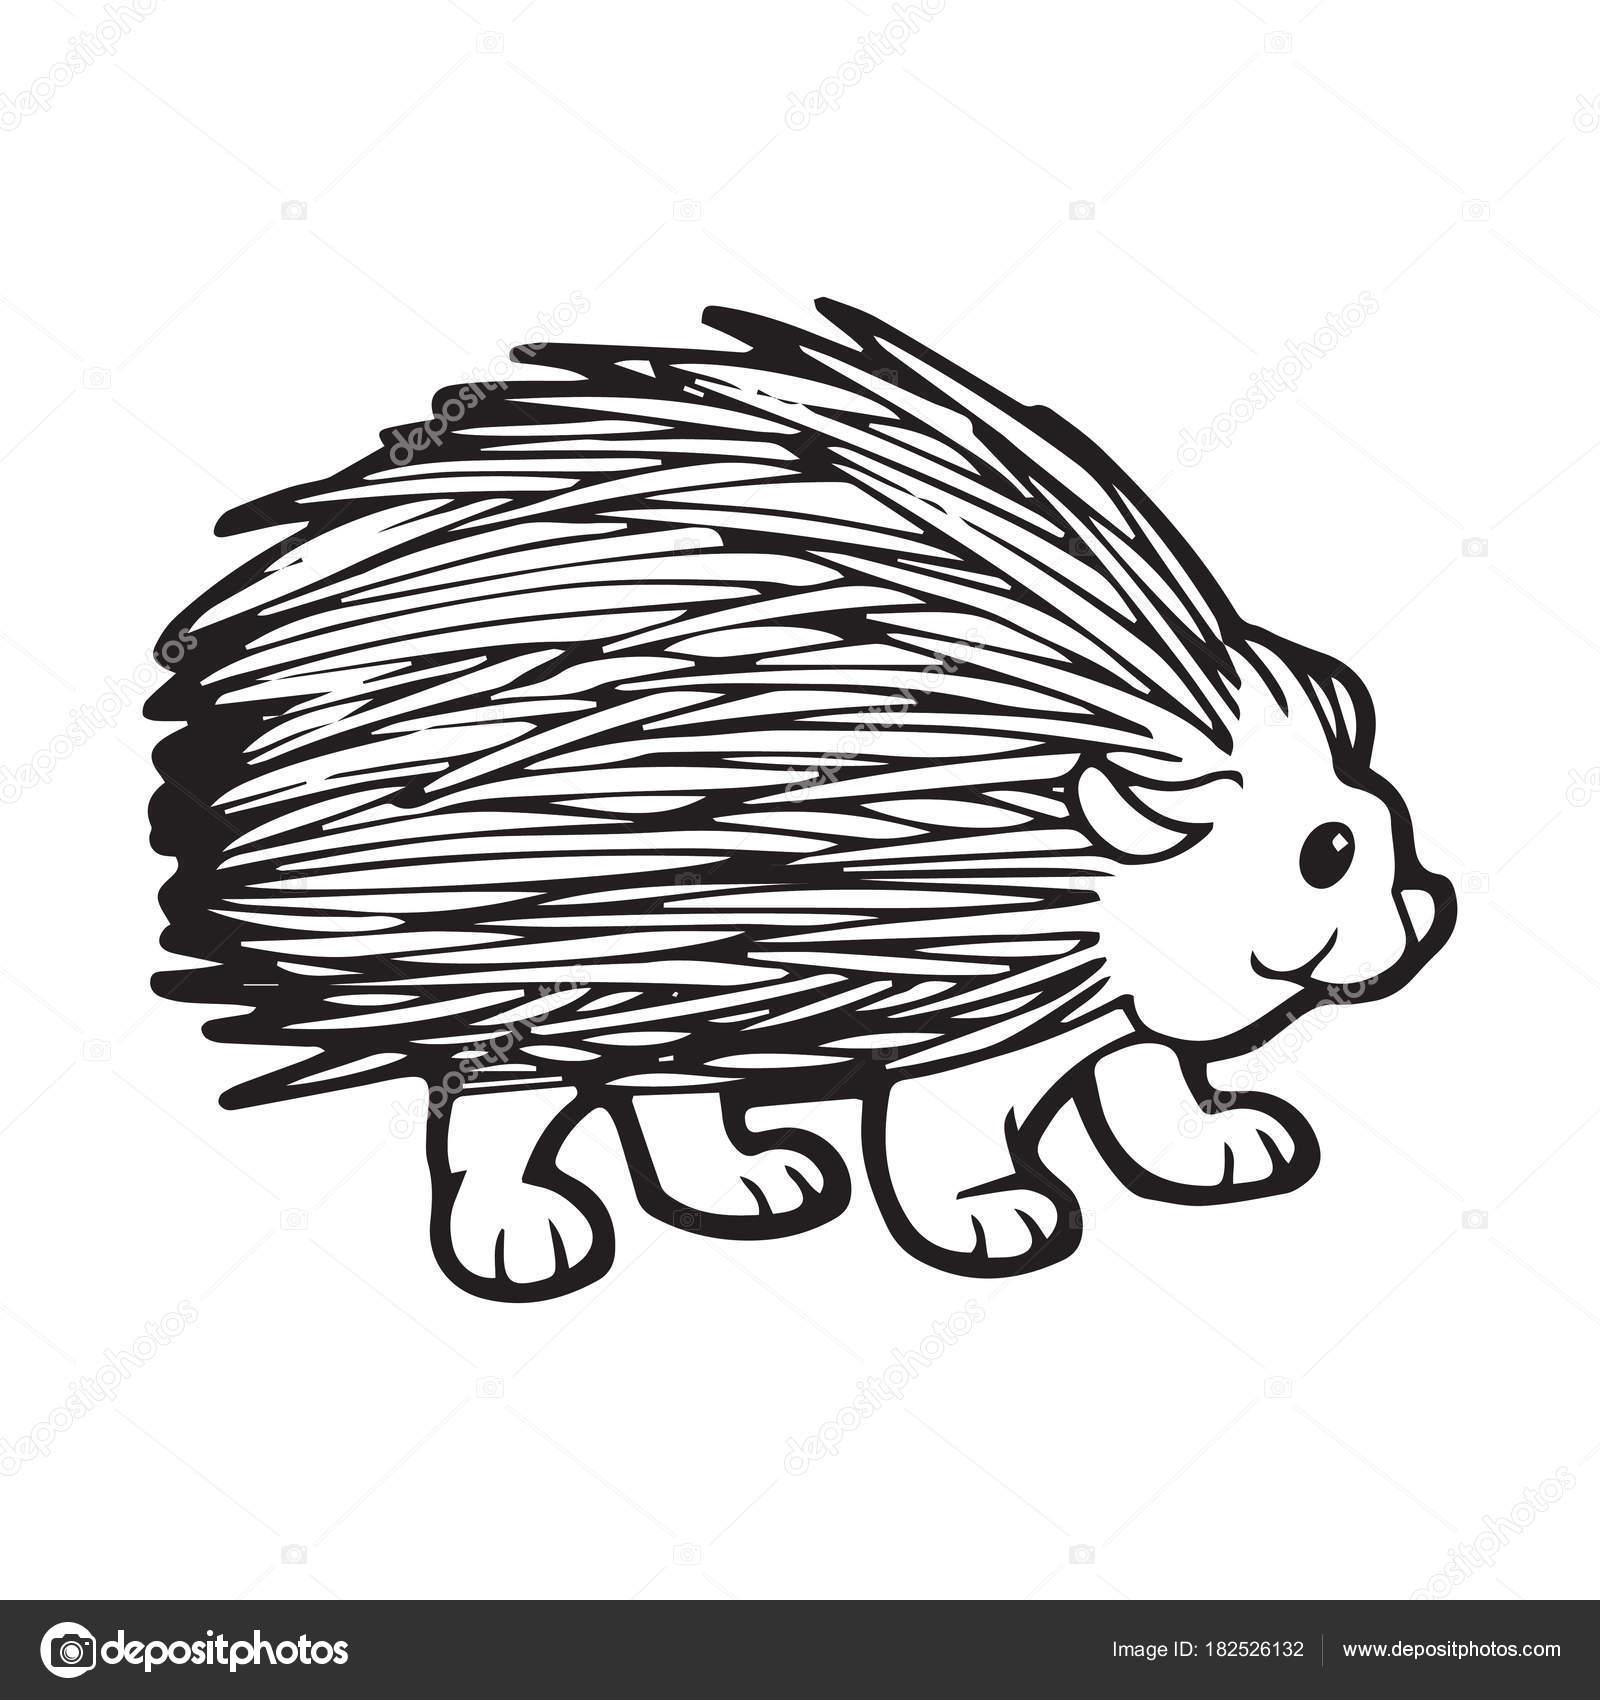 Niedlichen Cartoon Igel Auf Weißem Hintergrund Für Kinder Drucken